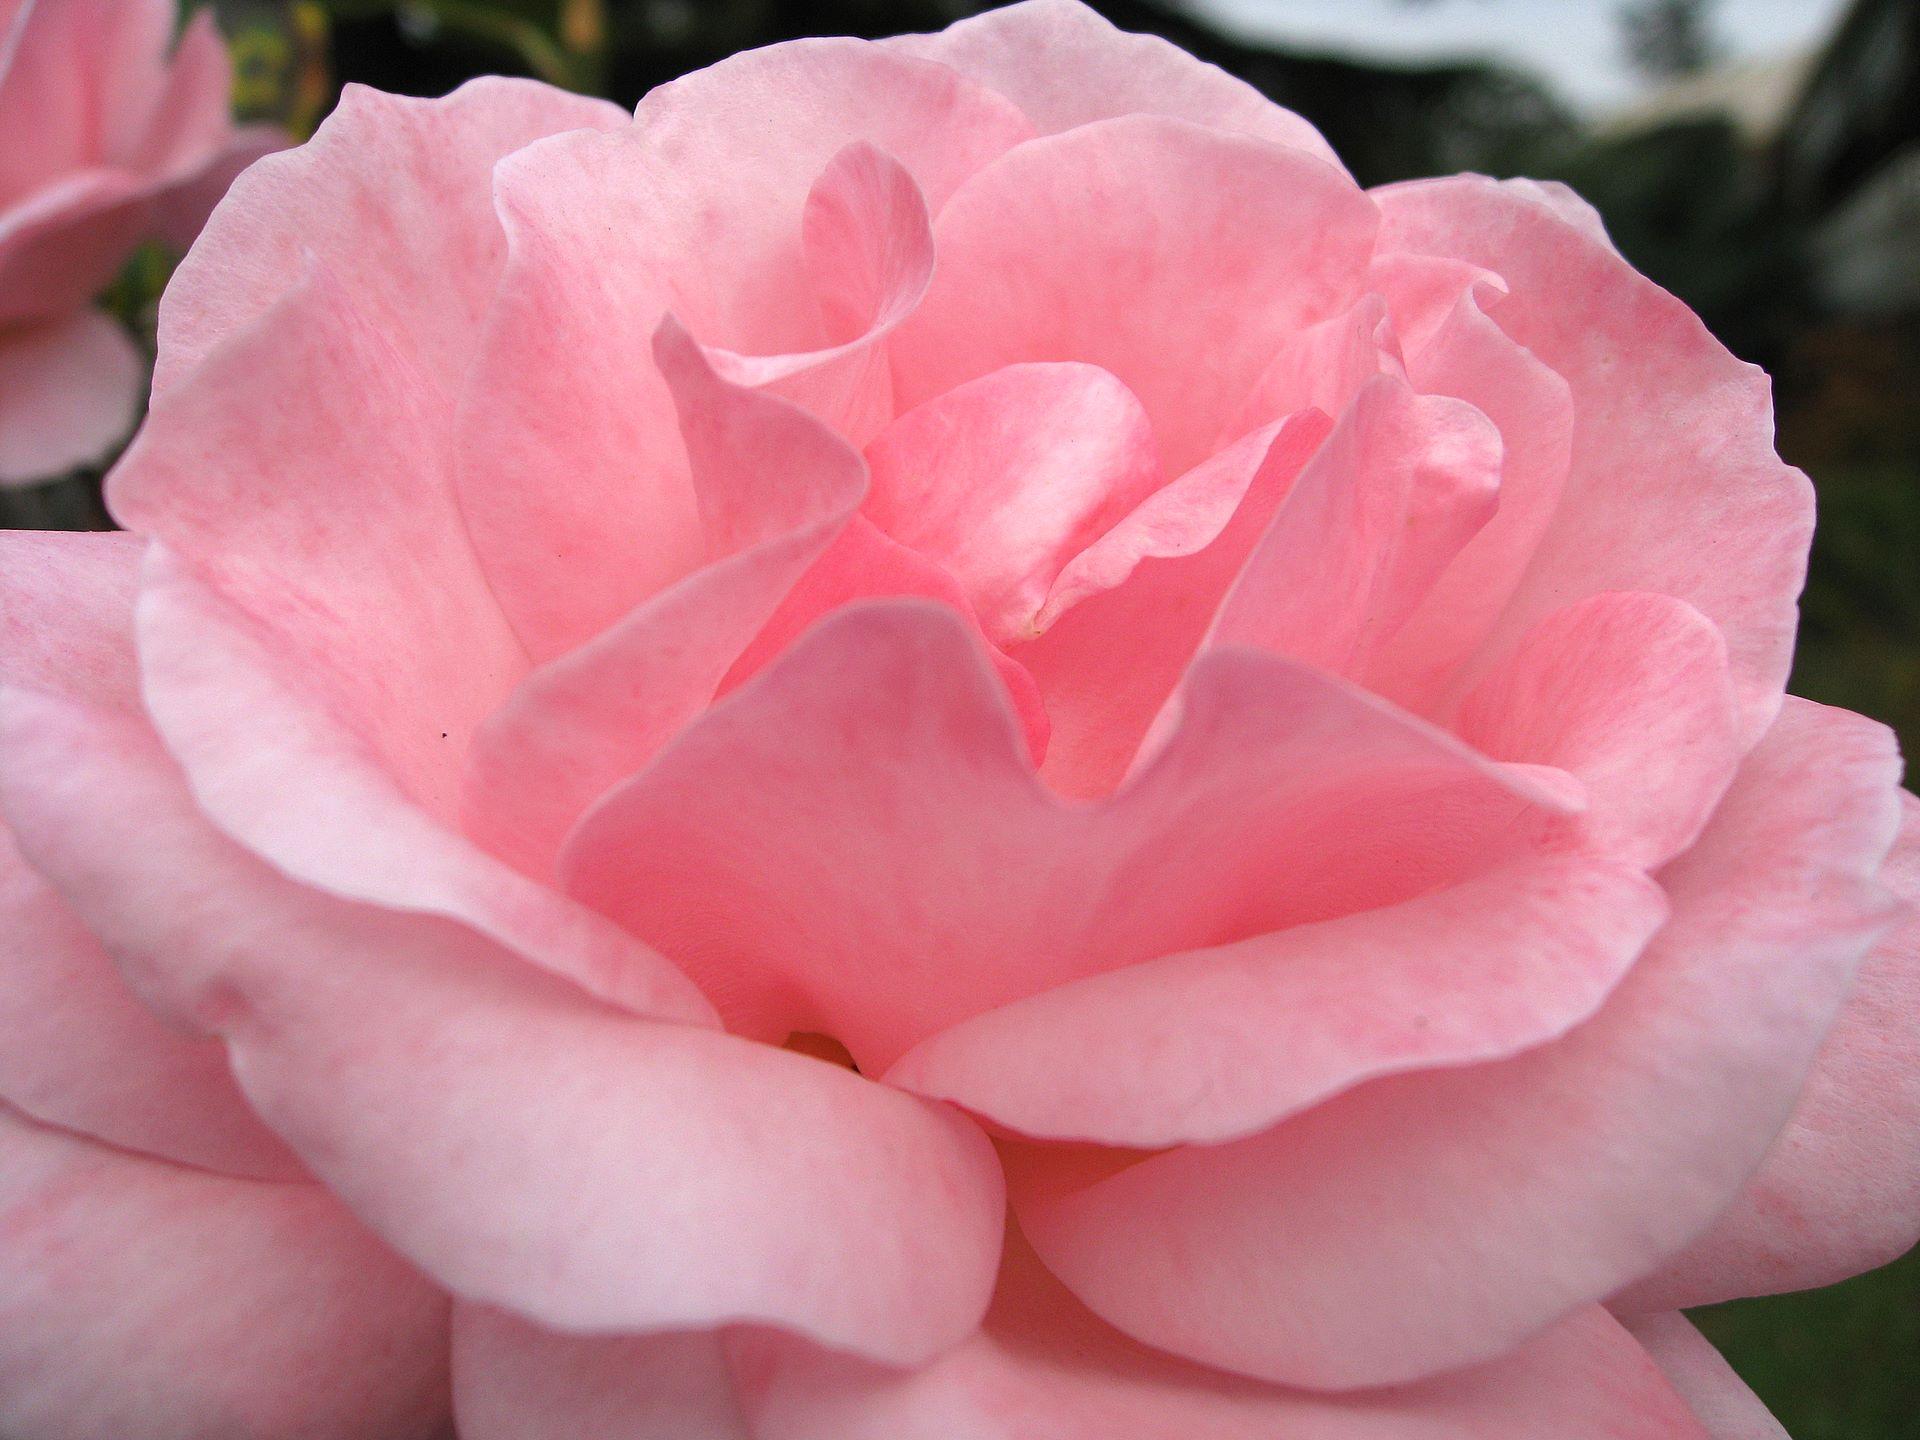 Rose Wallpaper Download 1920x1440